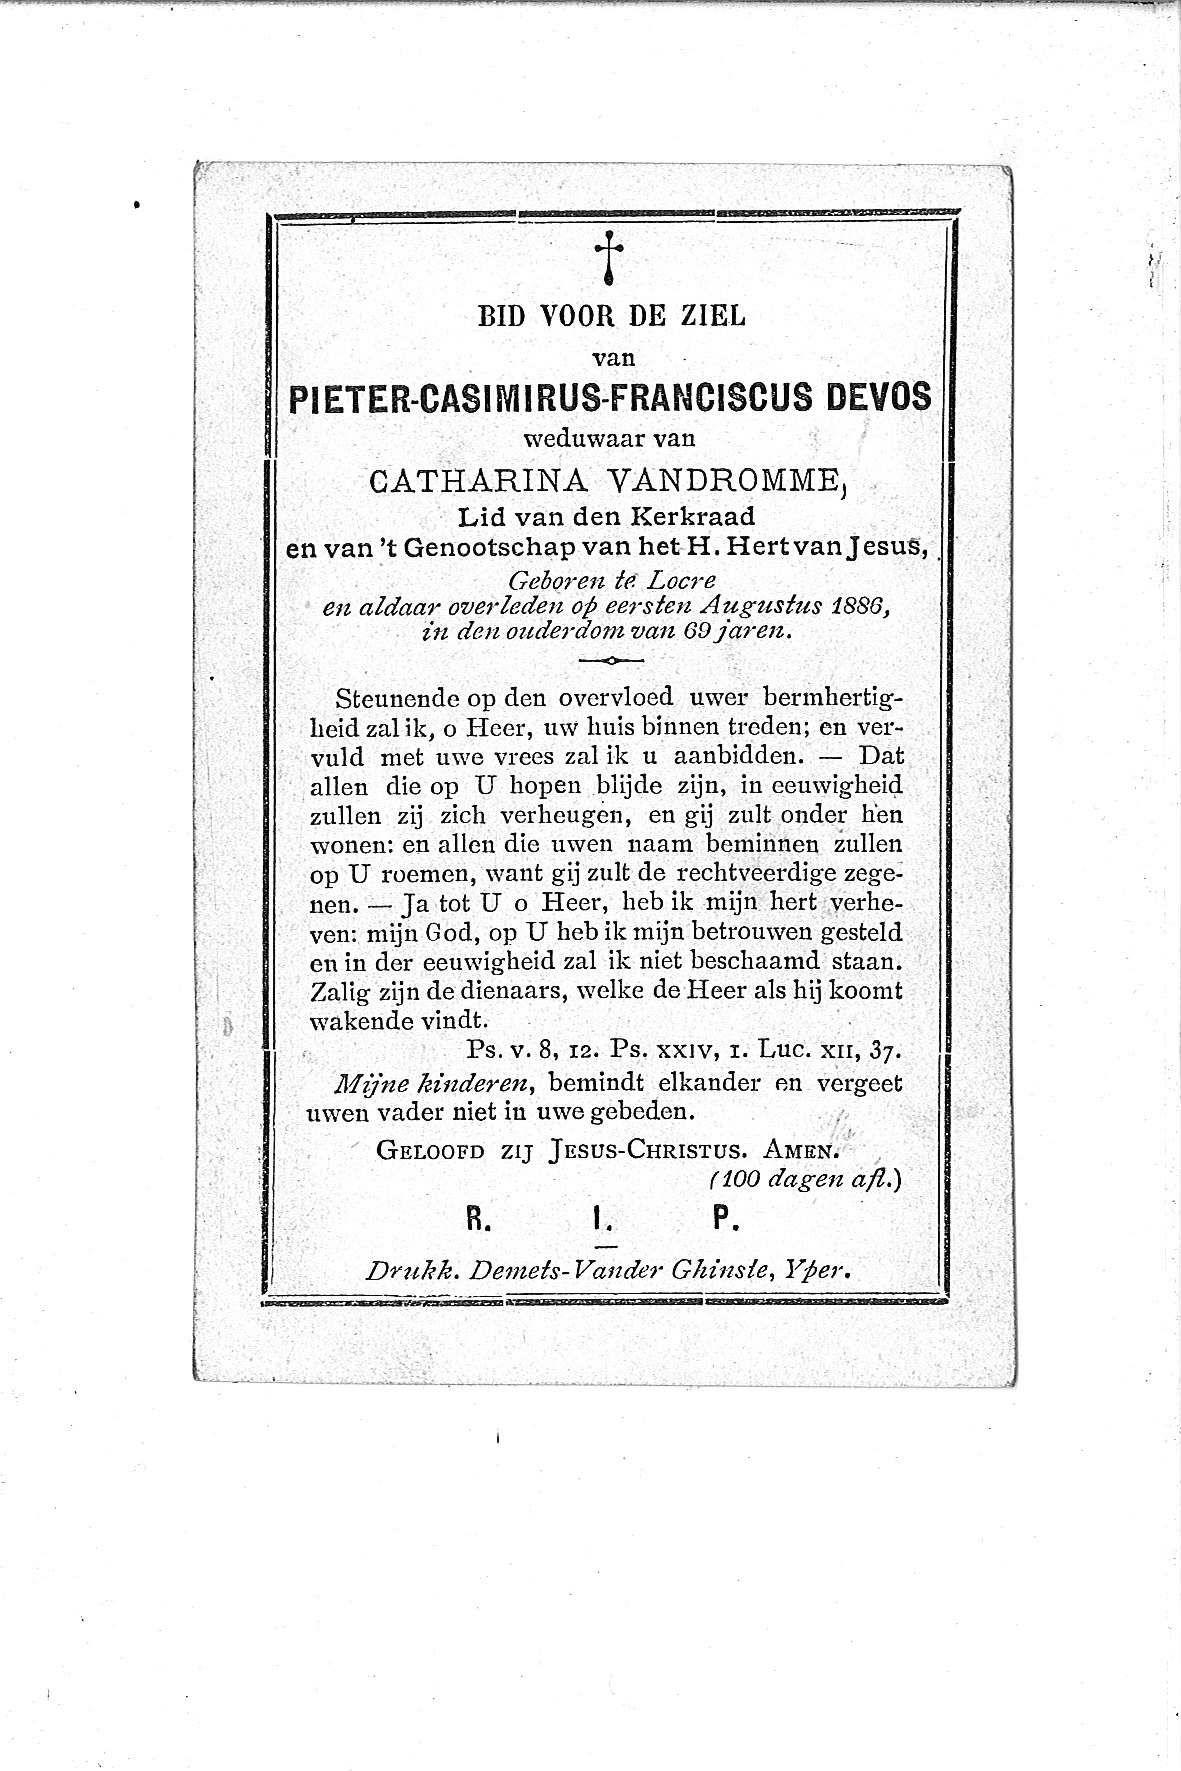 Pieter-Casimirus-Franciscus (1886) 20120306152925_00058.jpg